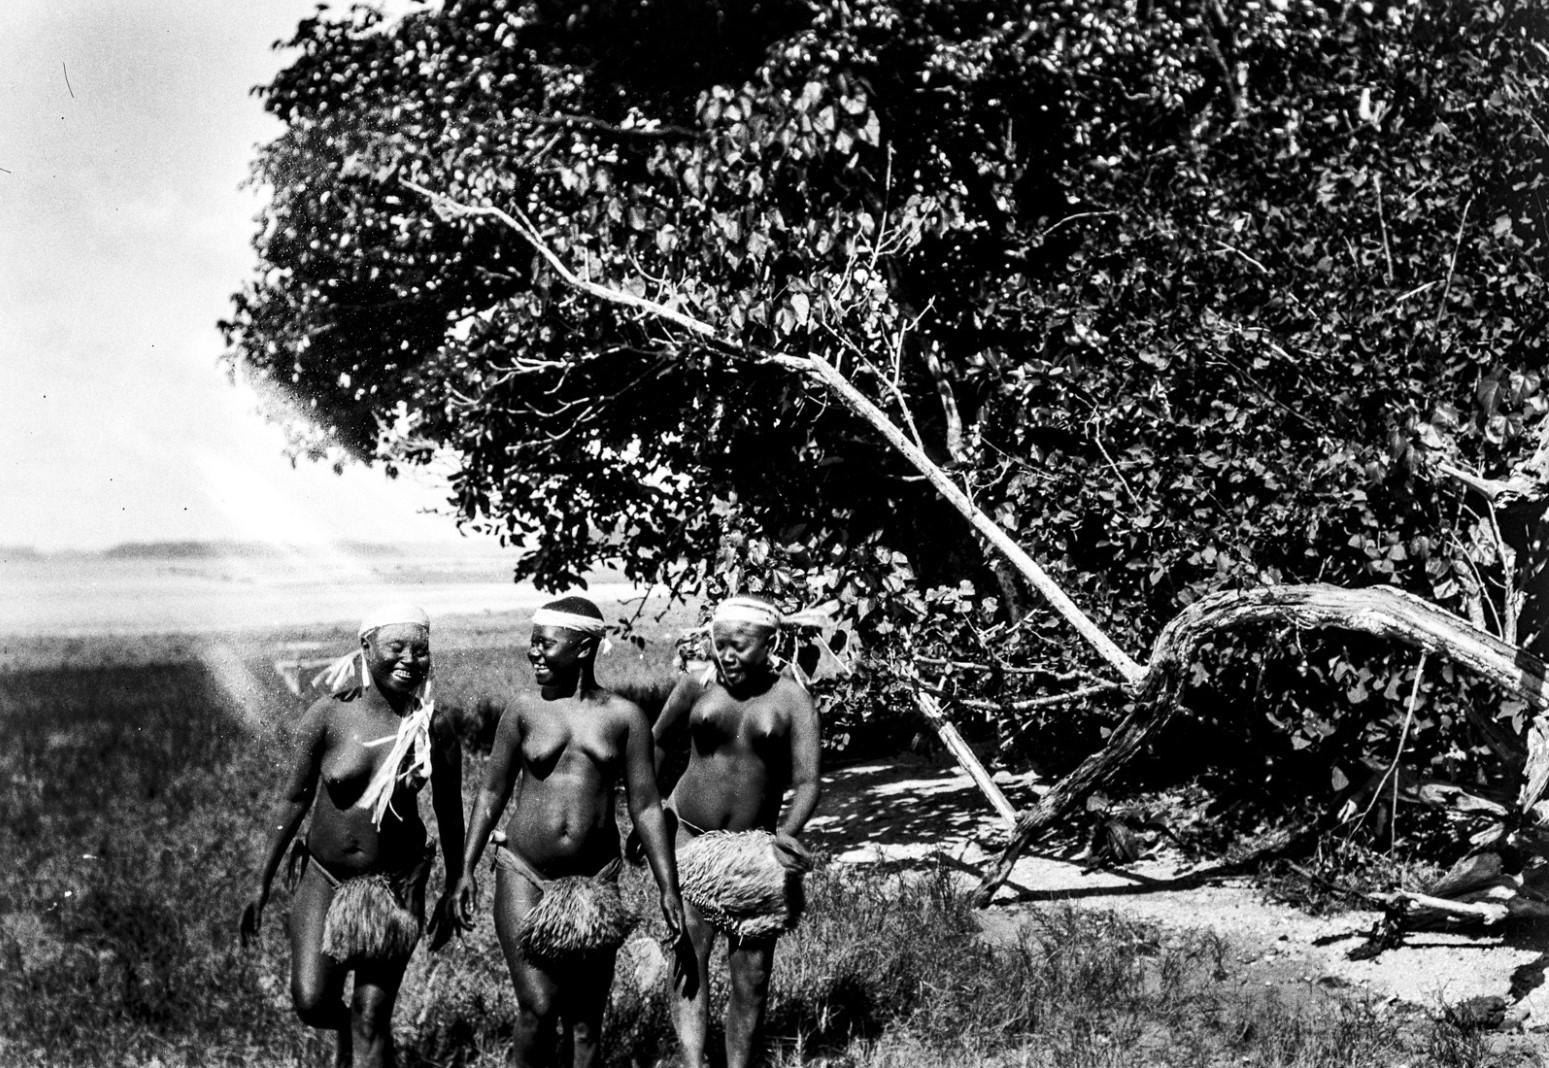 1210. Народность онге. Группа женщин танцует на берегу